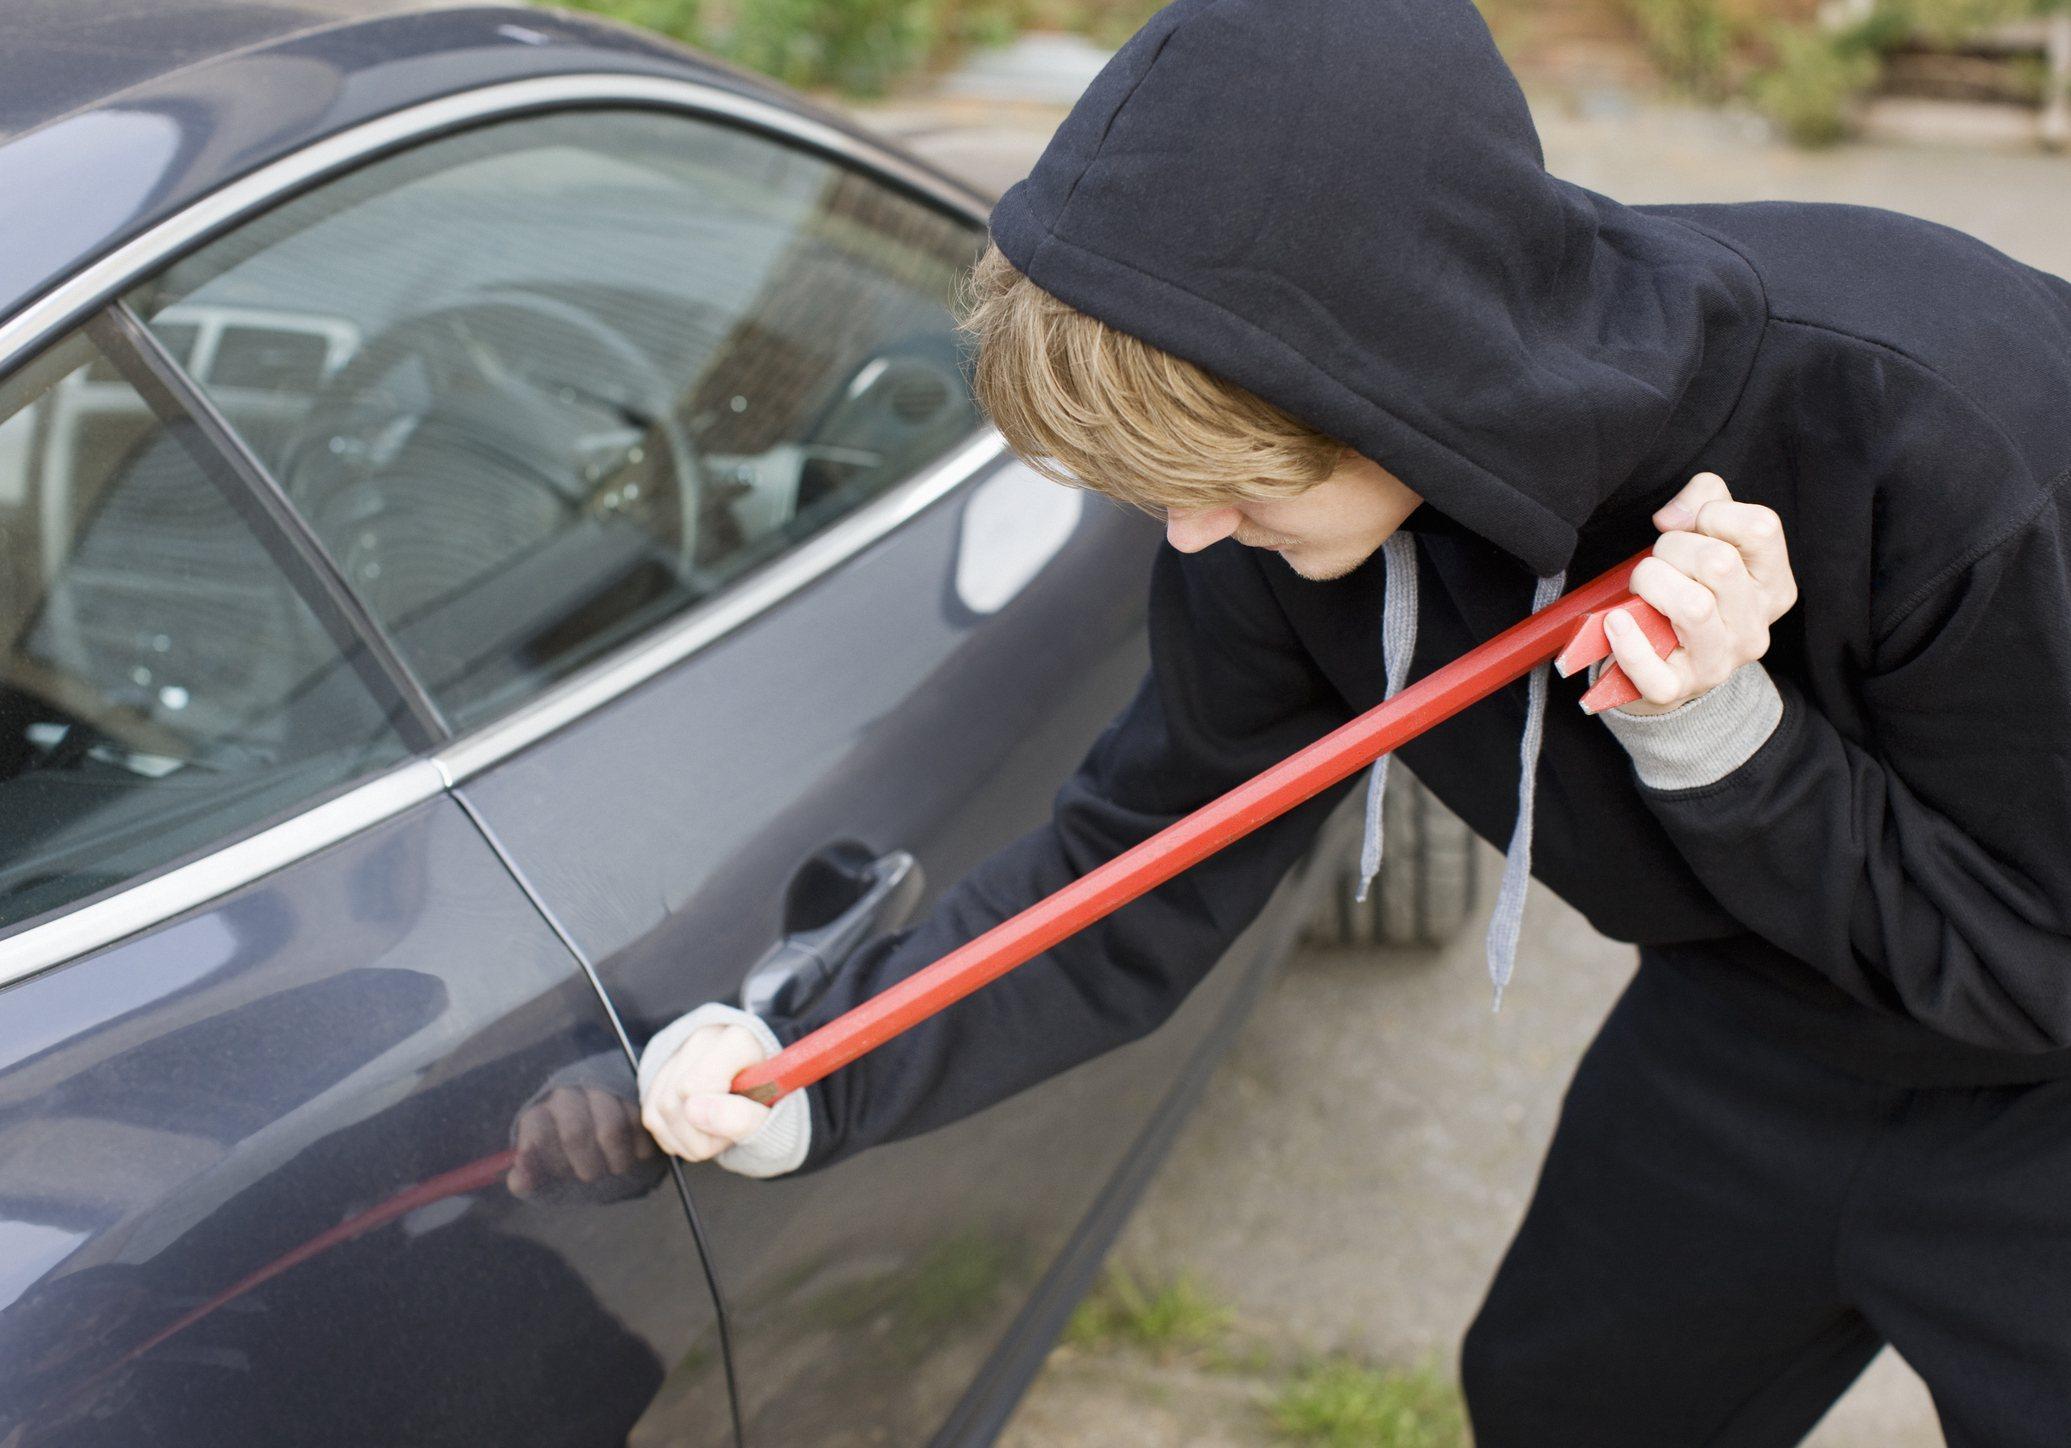 Man in hoodie breaking into car